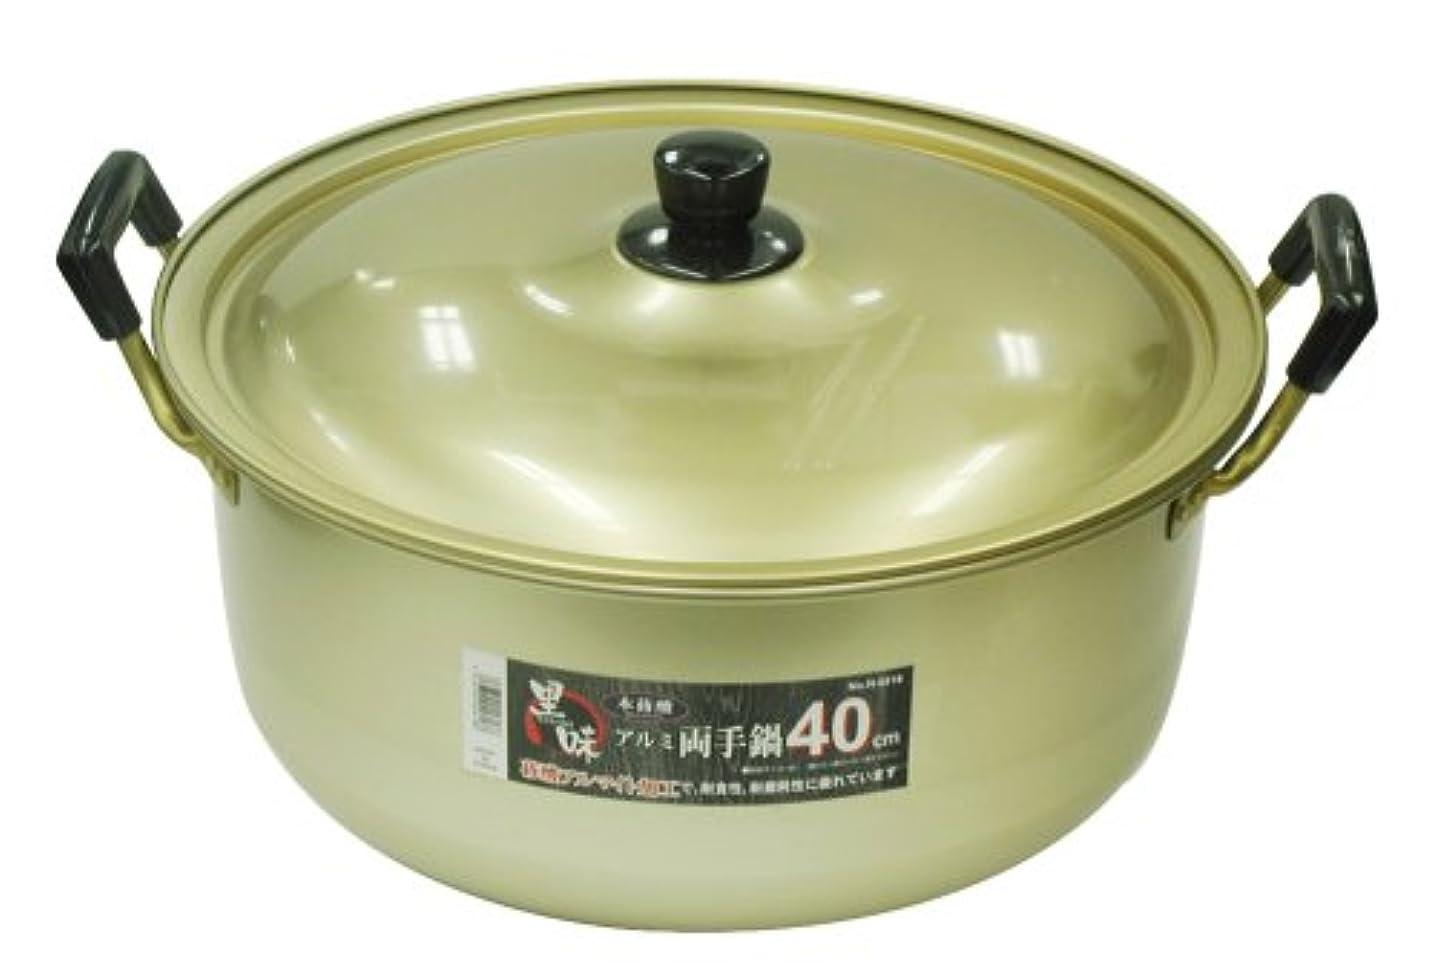 ベルベット支配するペルセウスパール金属 両手鍋 40cm 鍋蓋付 アルミ 里味 本蓚酸 H-5318